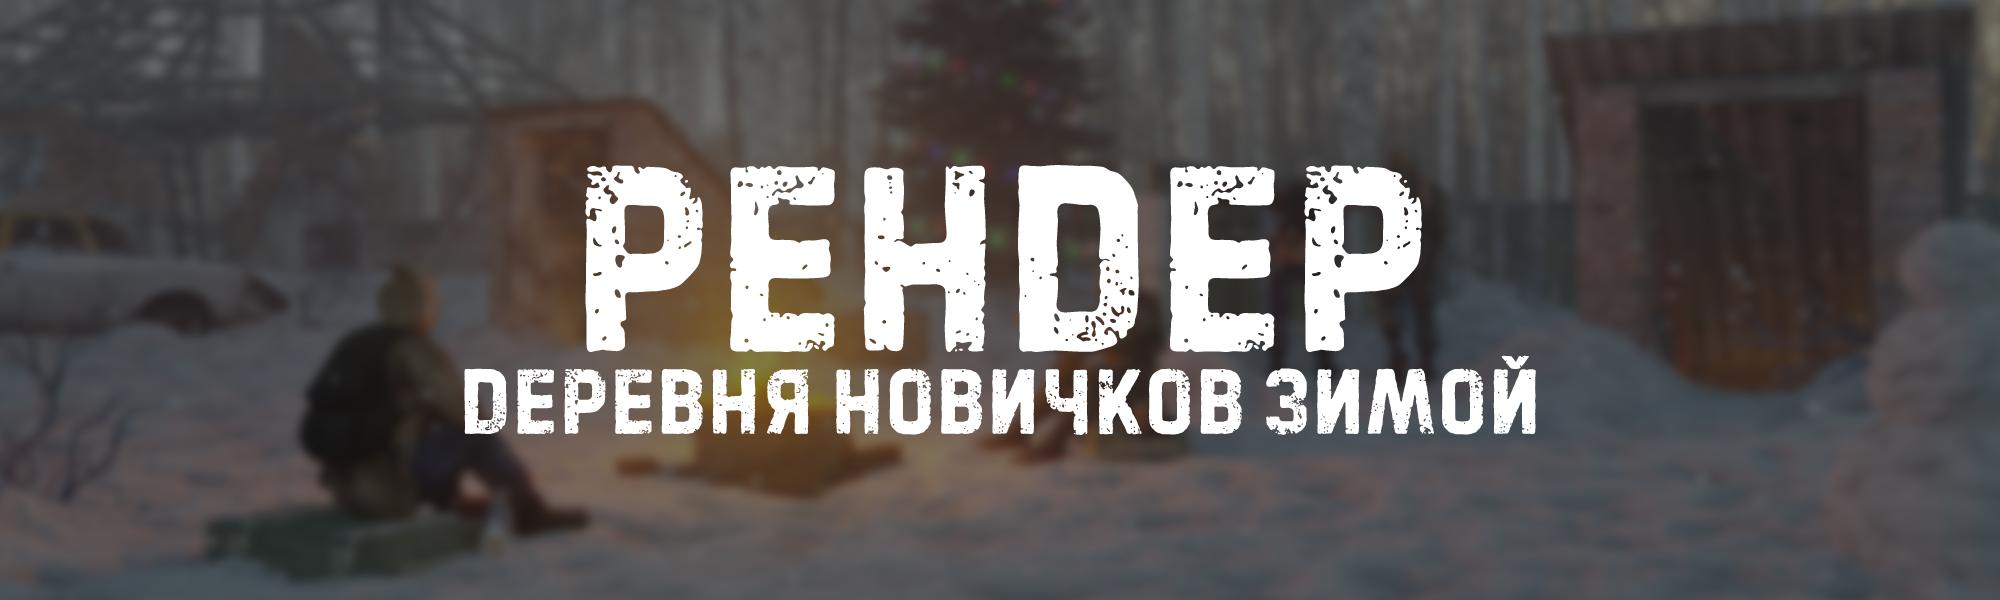 """Рендер """"Деревня Новичков зимой"""""""